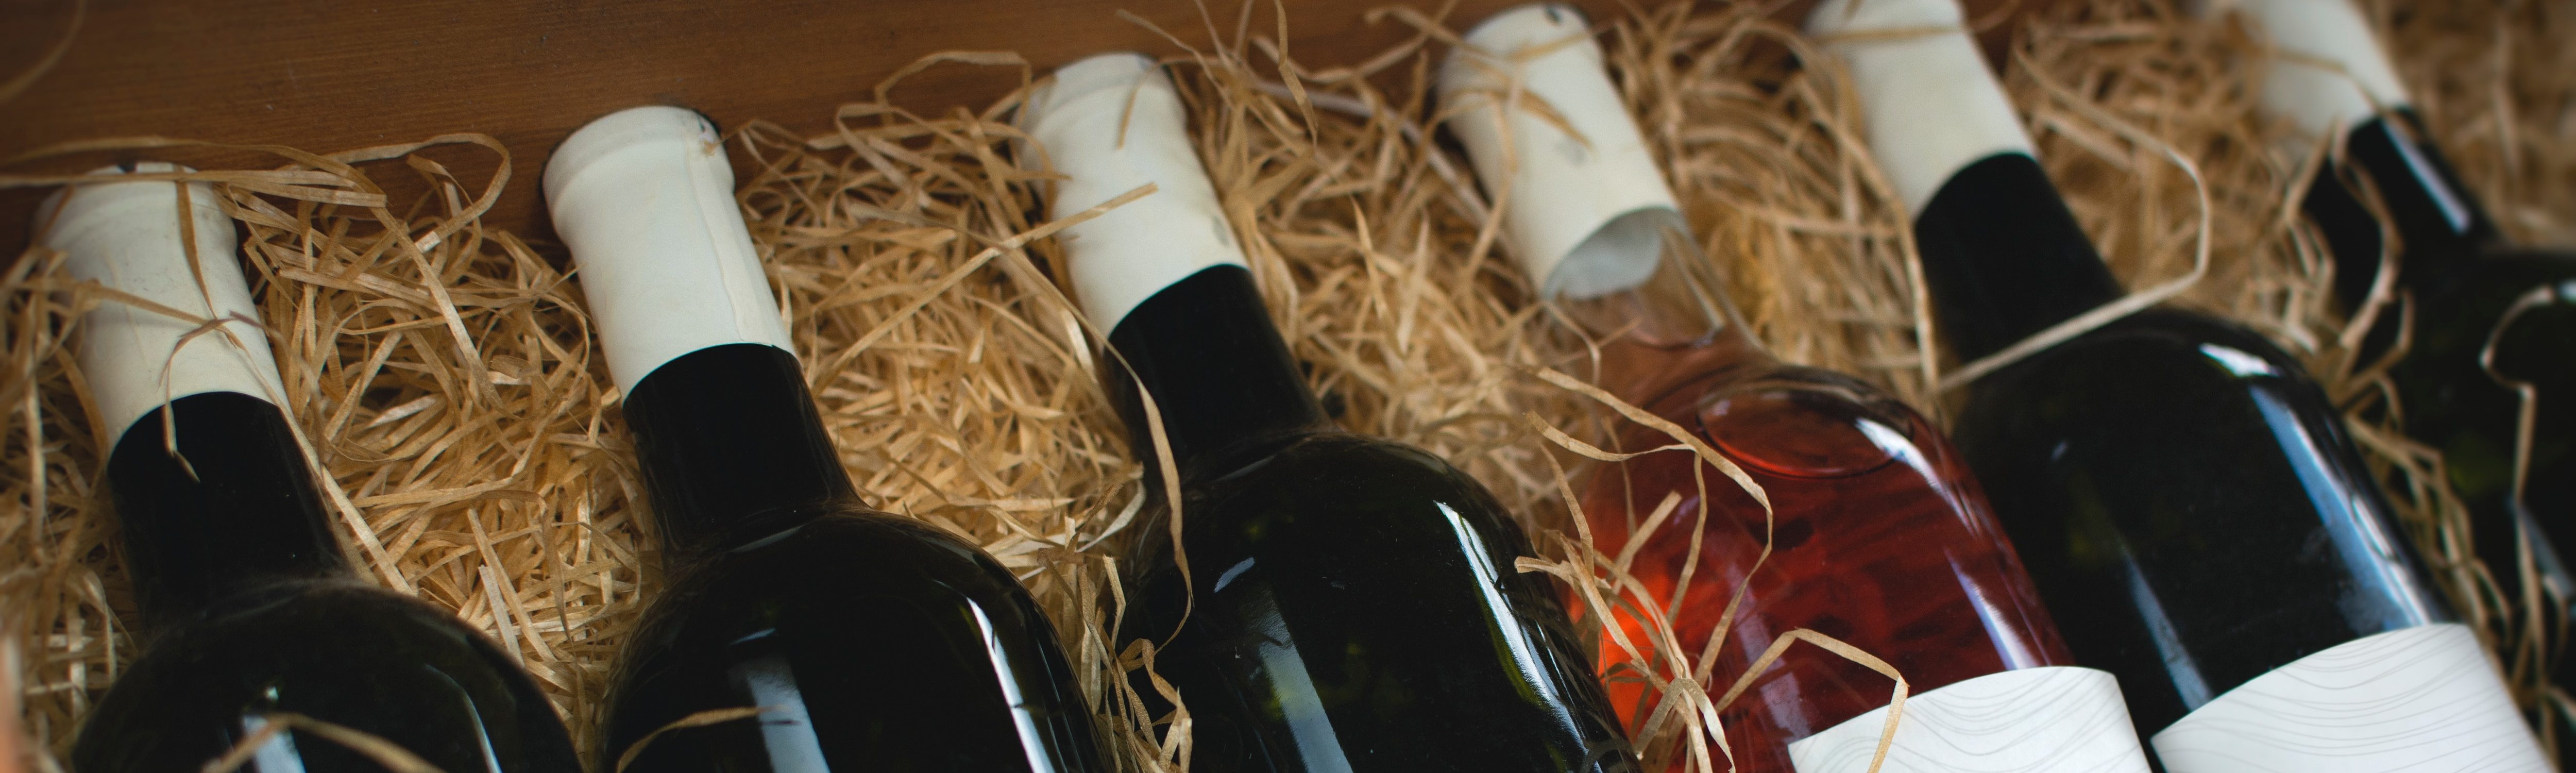 Vinboden.dk samlestedet for alle der elsker vin